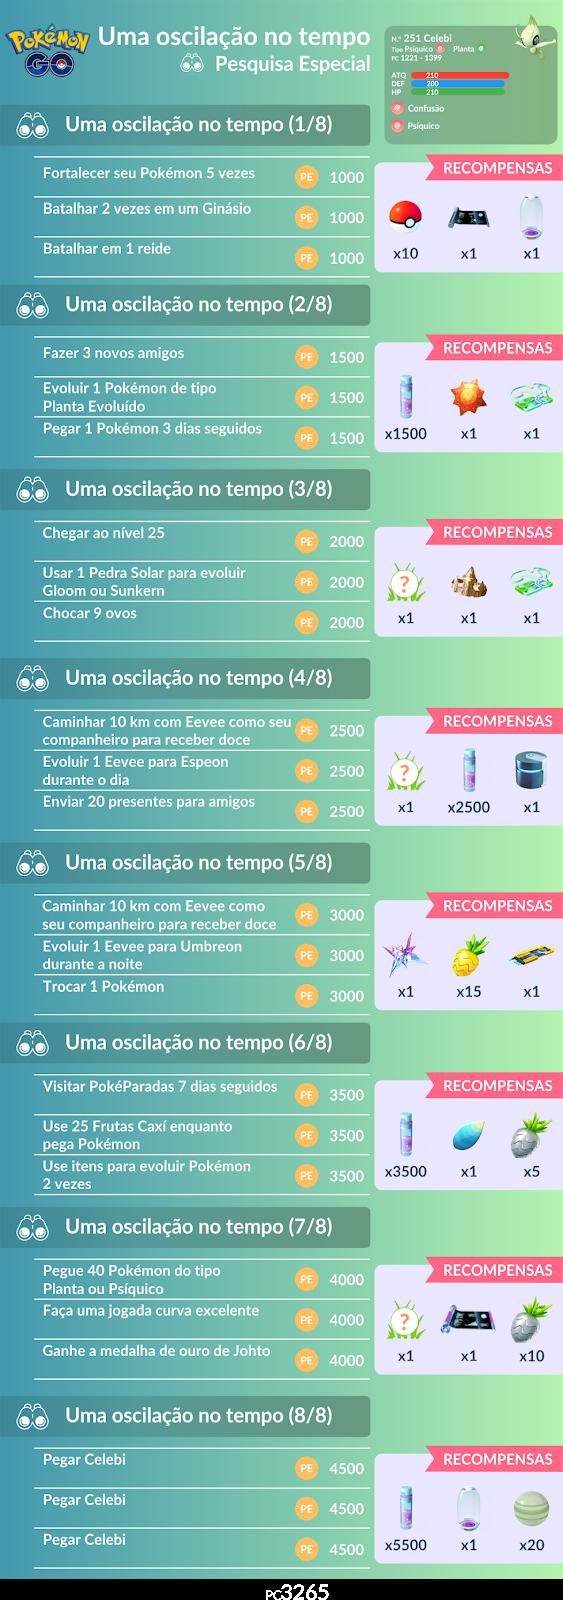 Pesquisa Especial: Celebi em Pokémon GO